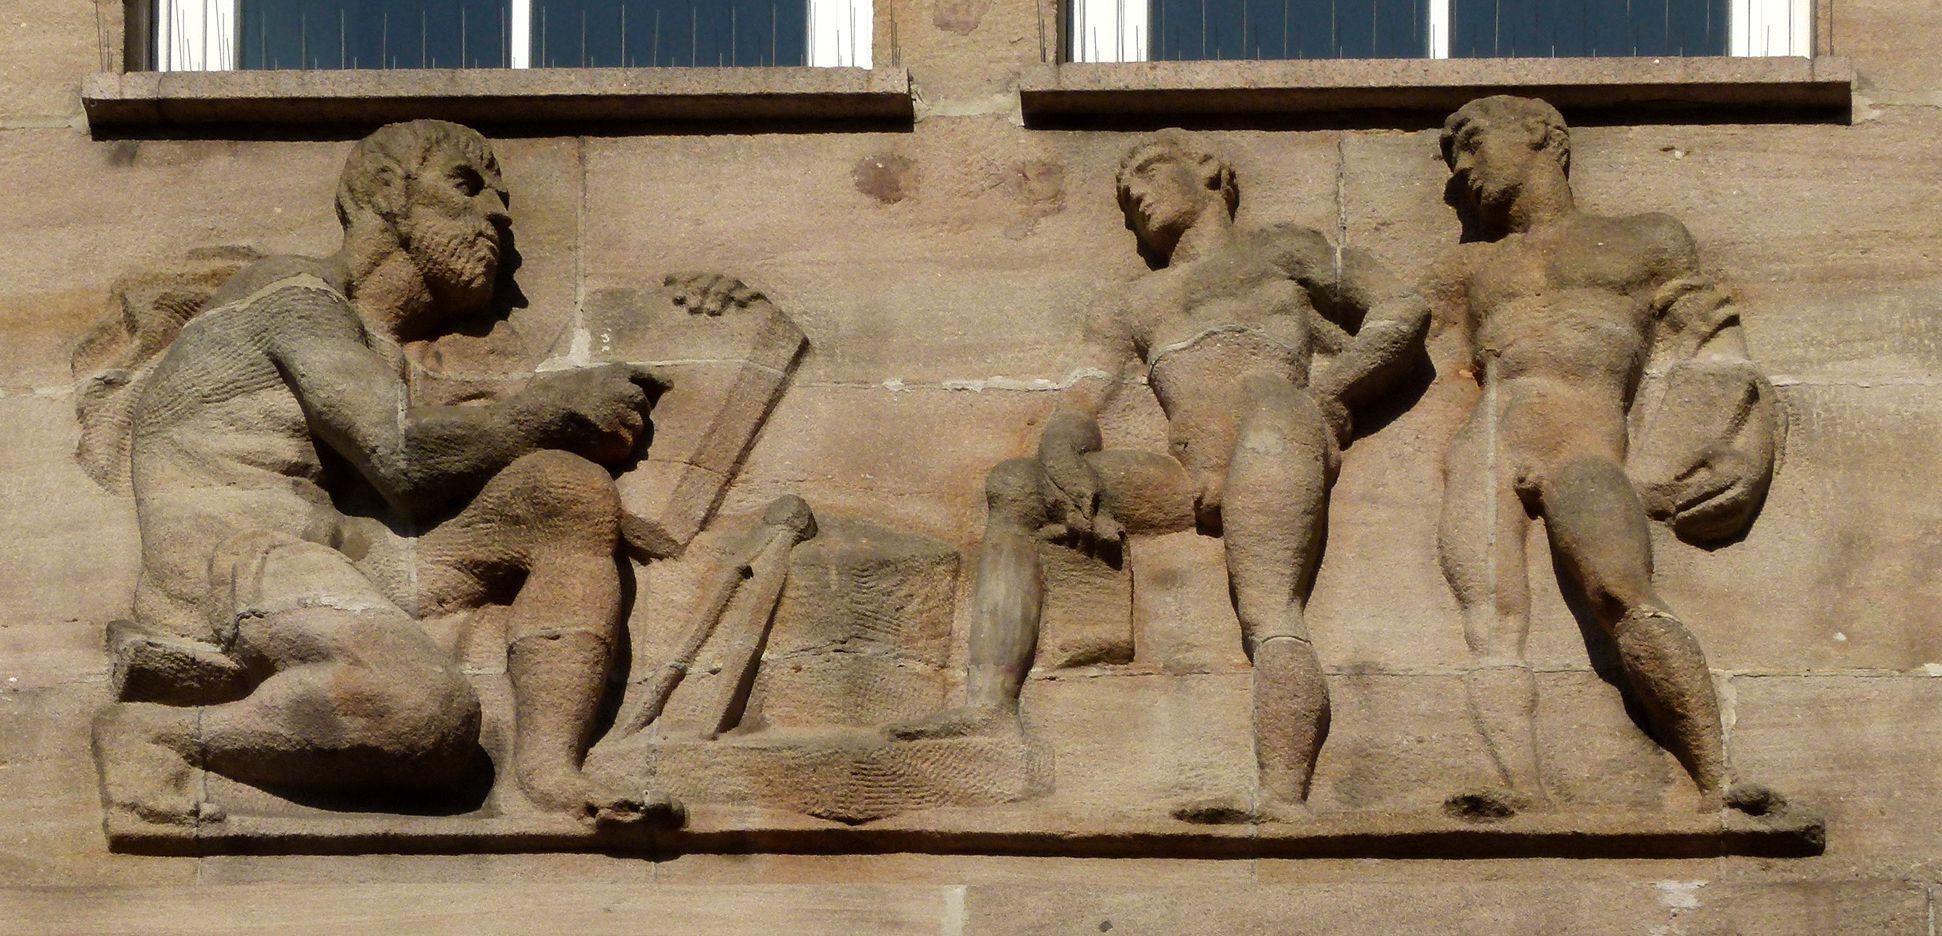 Sigmund Schuckert-Haus Chörlein, oberes Relief von Josef Wackerle: Architekt und Schüler